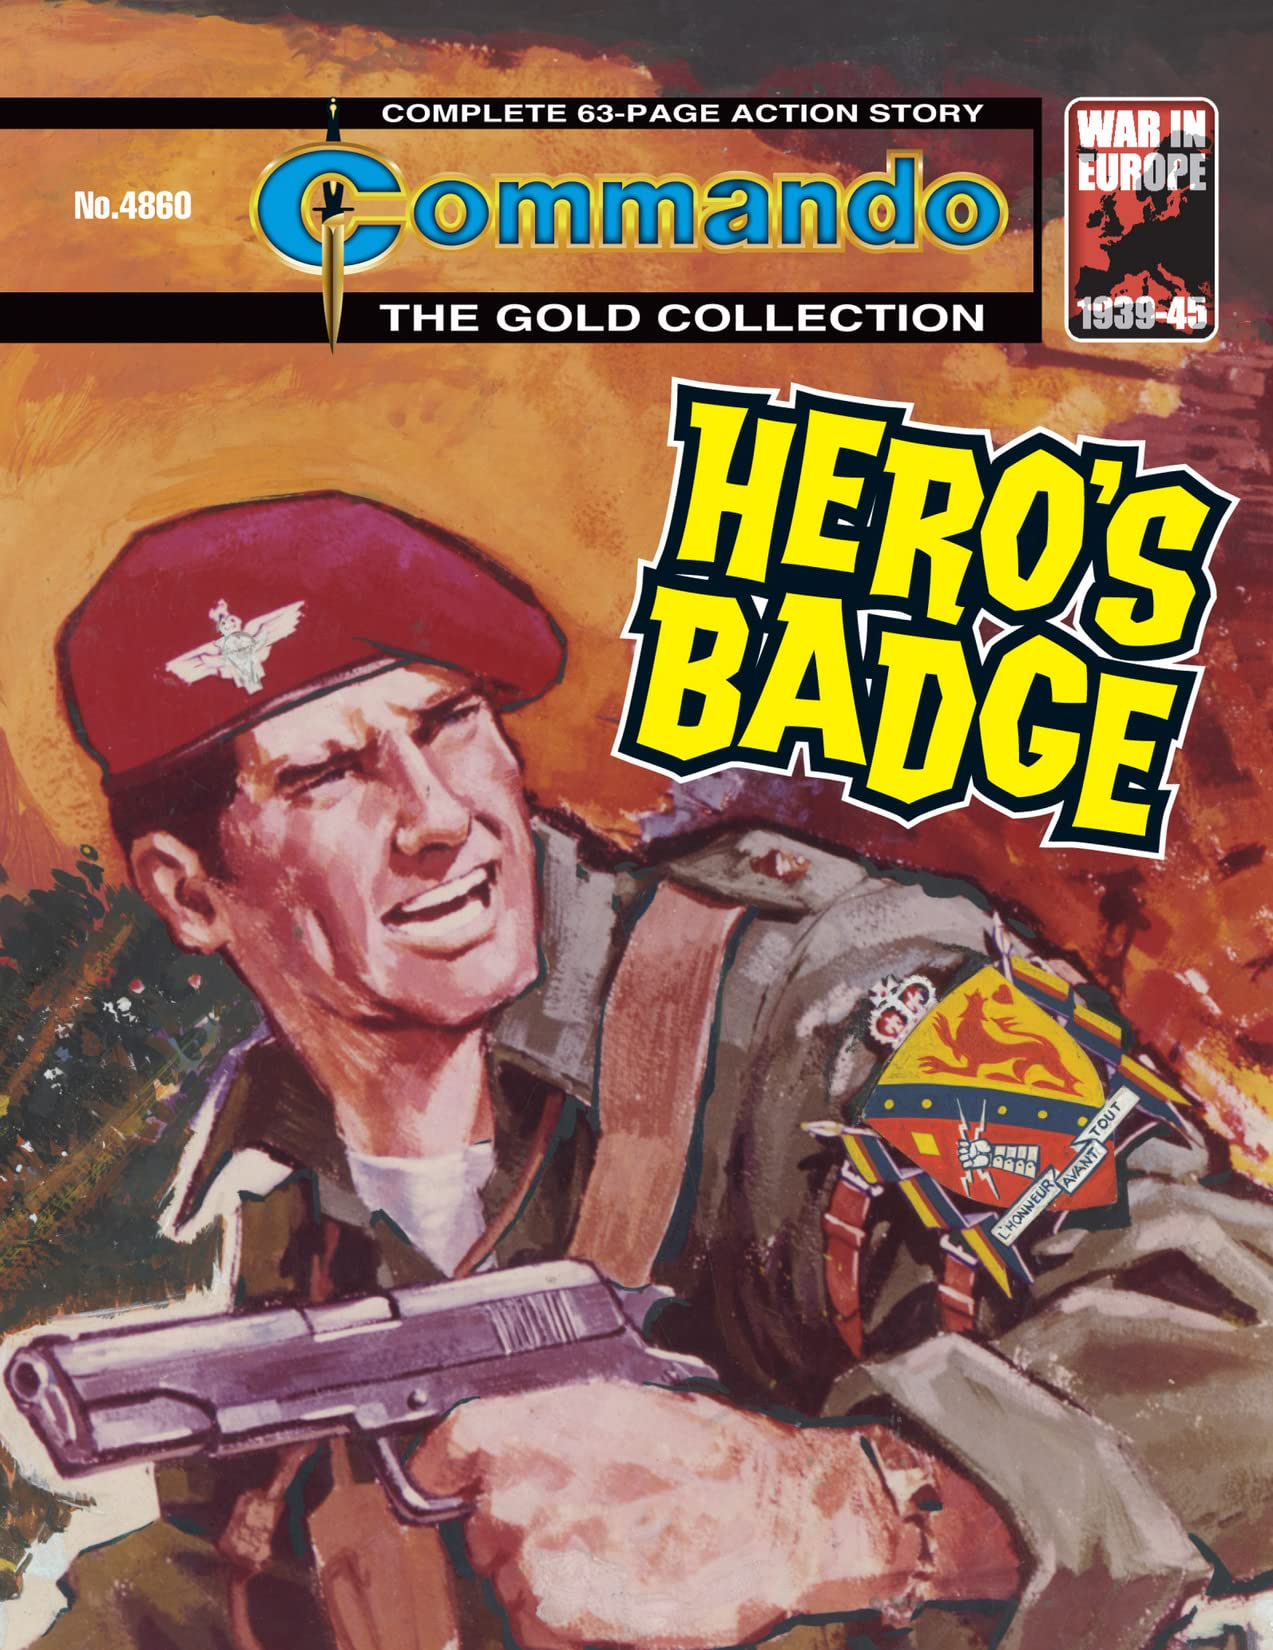 Commando #4860: Hero's Badge